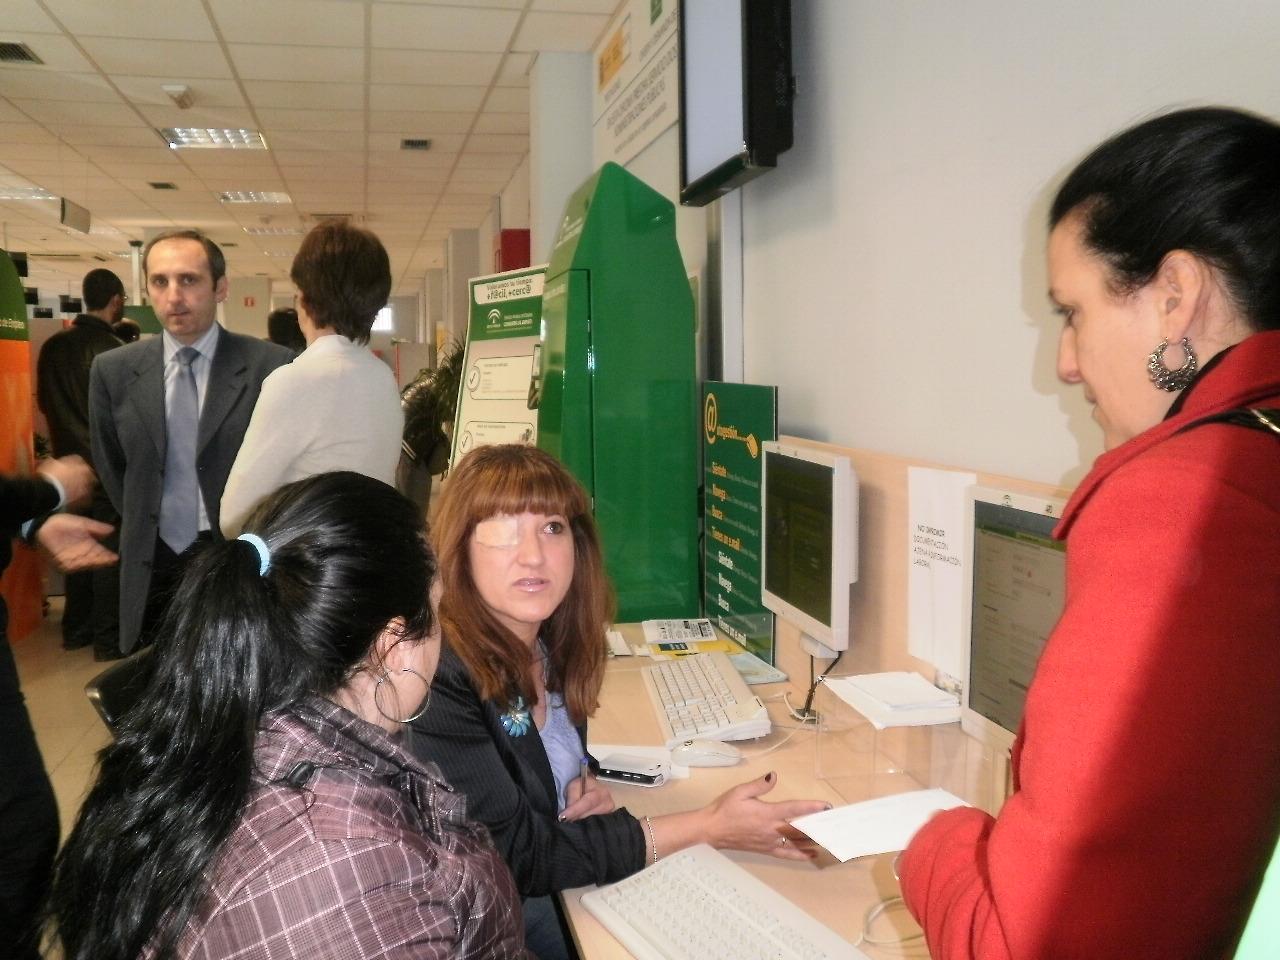 La oficina del sae del zaid n estrena el servicio de cita for Oficina desempleo cita previa